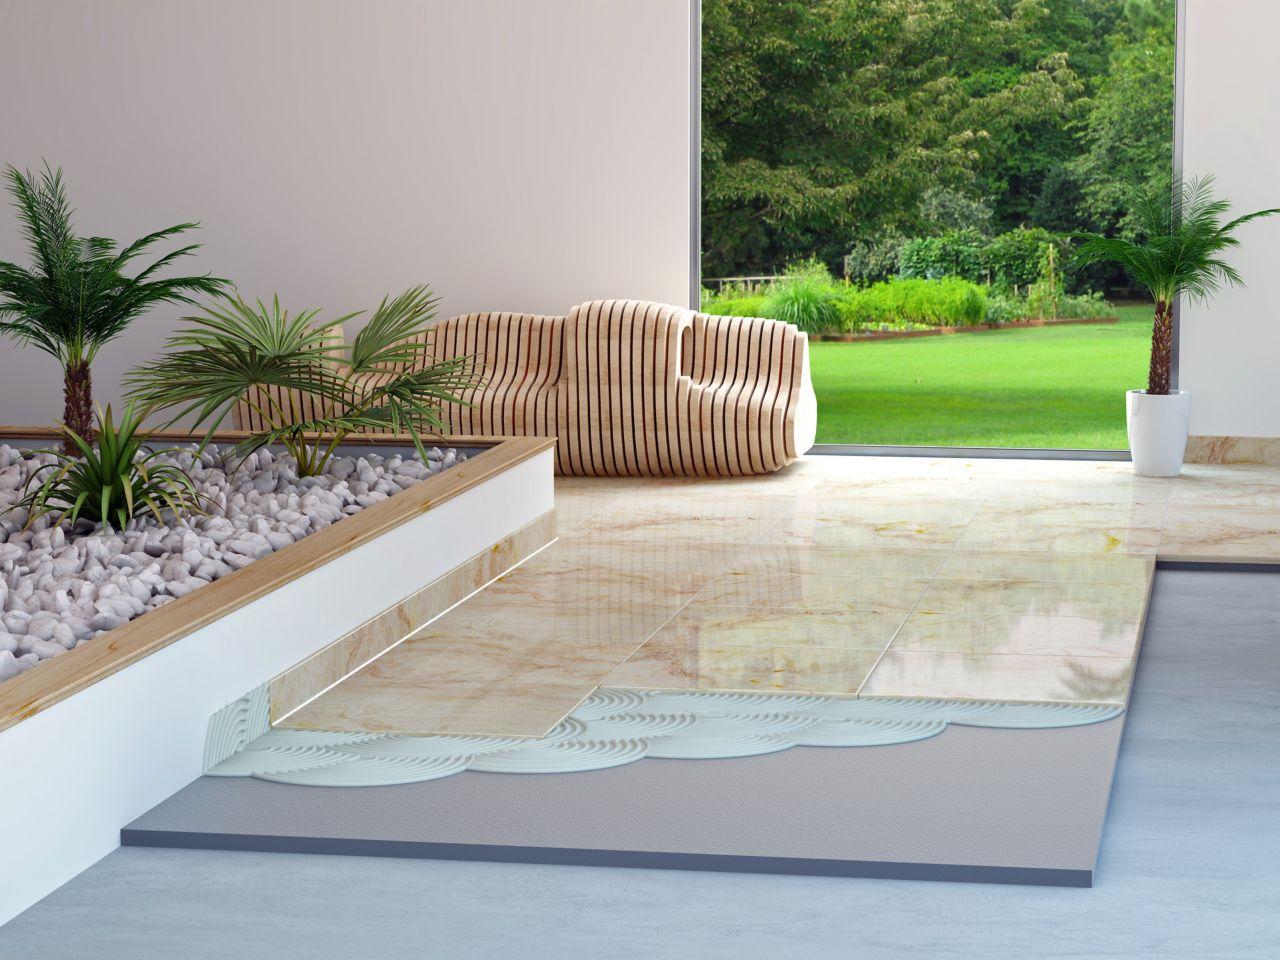 插图的大格式瓷砖设置粘合剂与设计师的长凳和花园露台